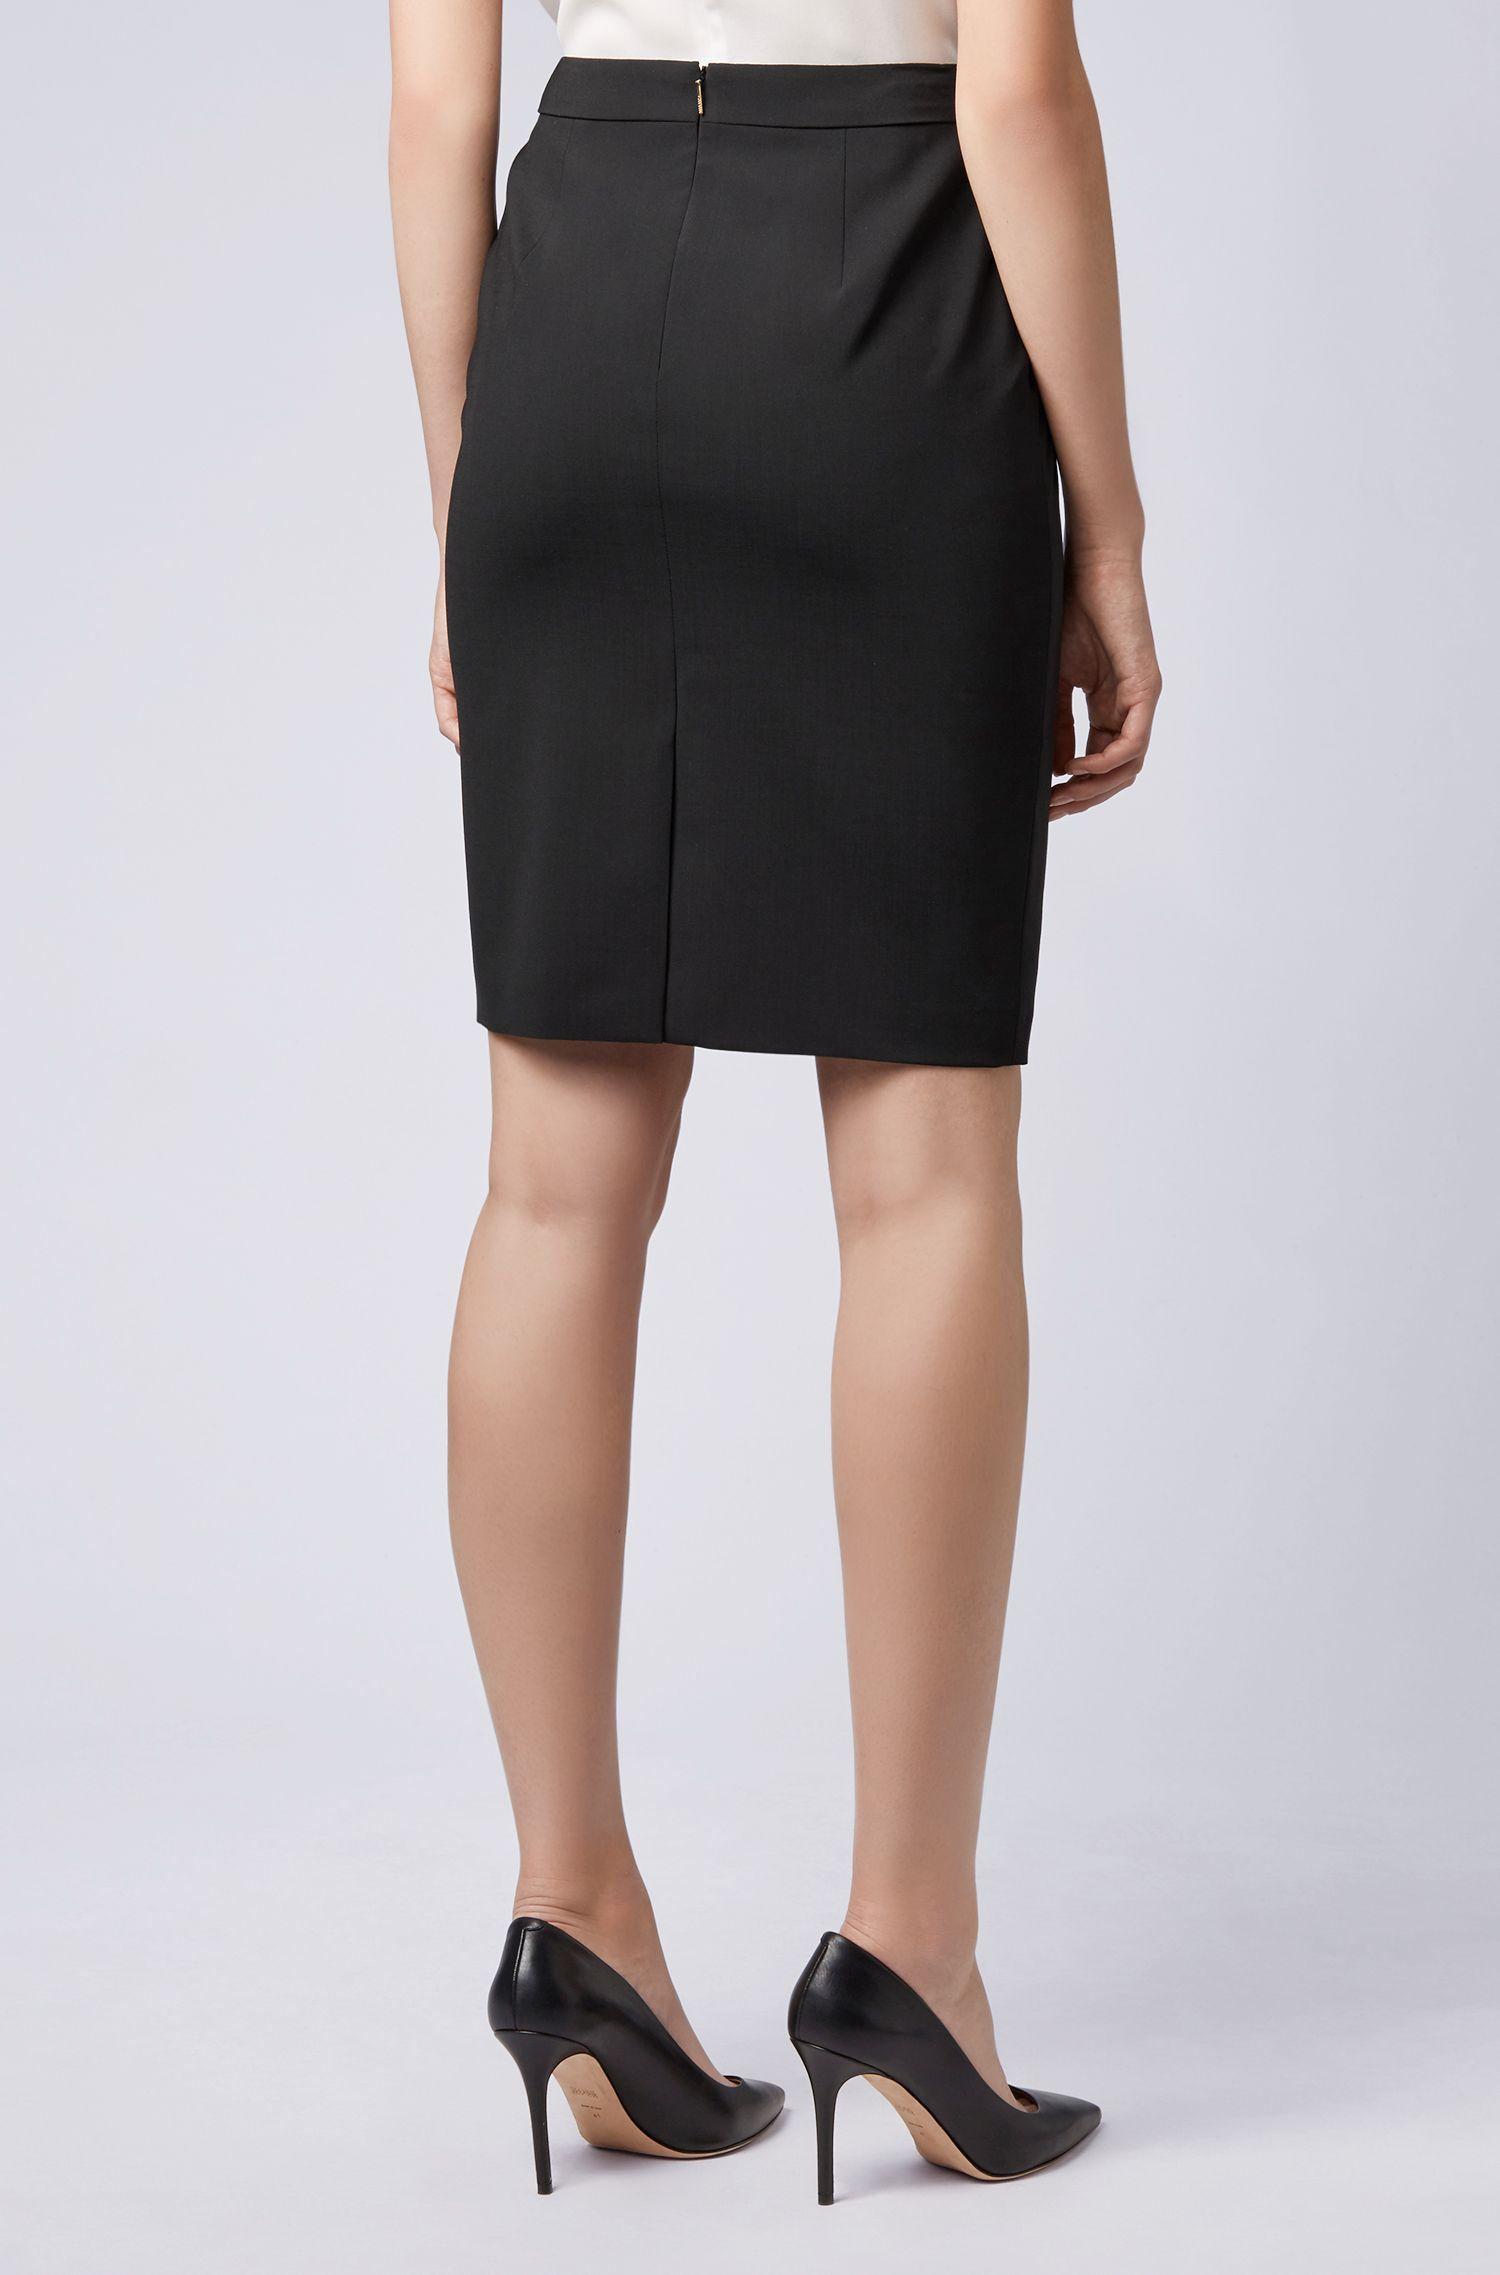 Stretch Virgin Wool Pencil Skirt   Vilea, Black